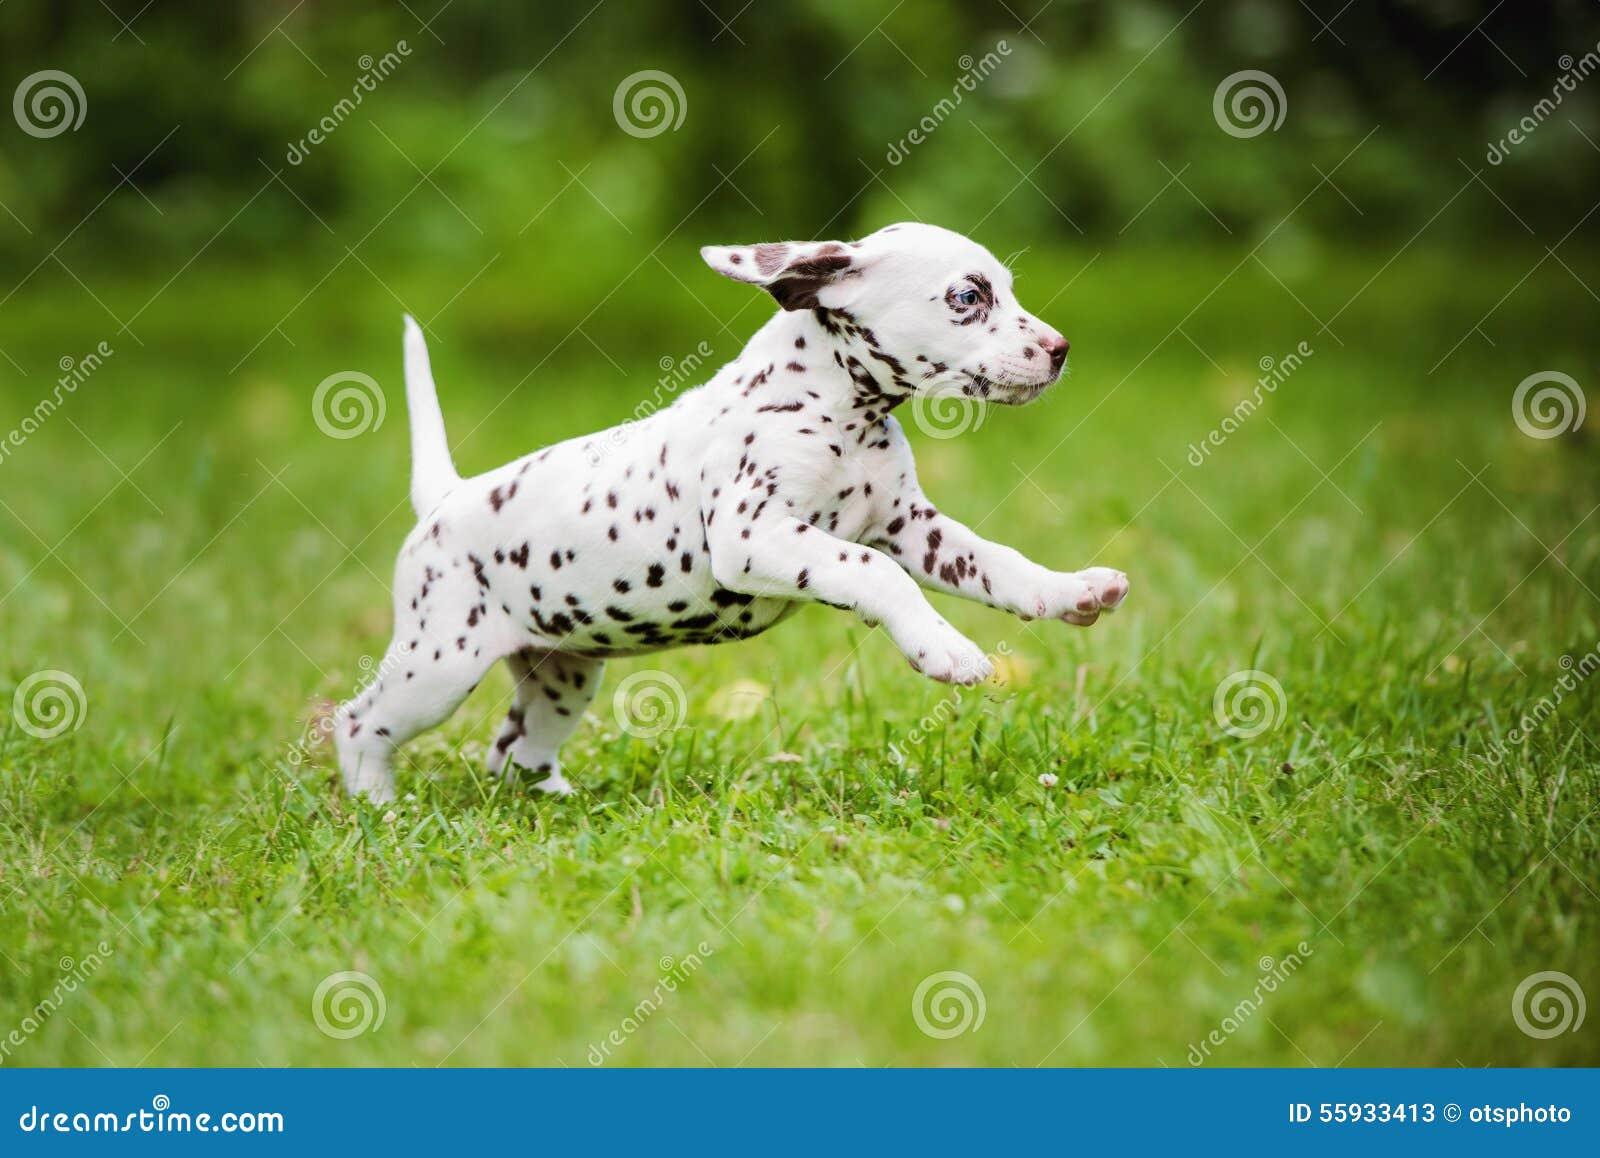 Dalmatian puppy running on grass